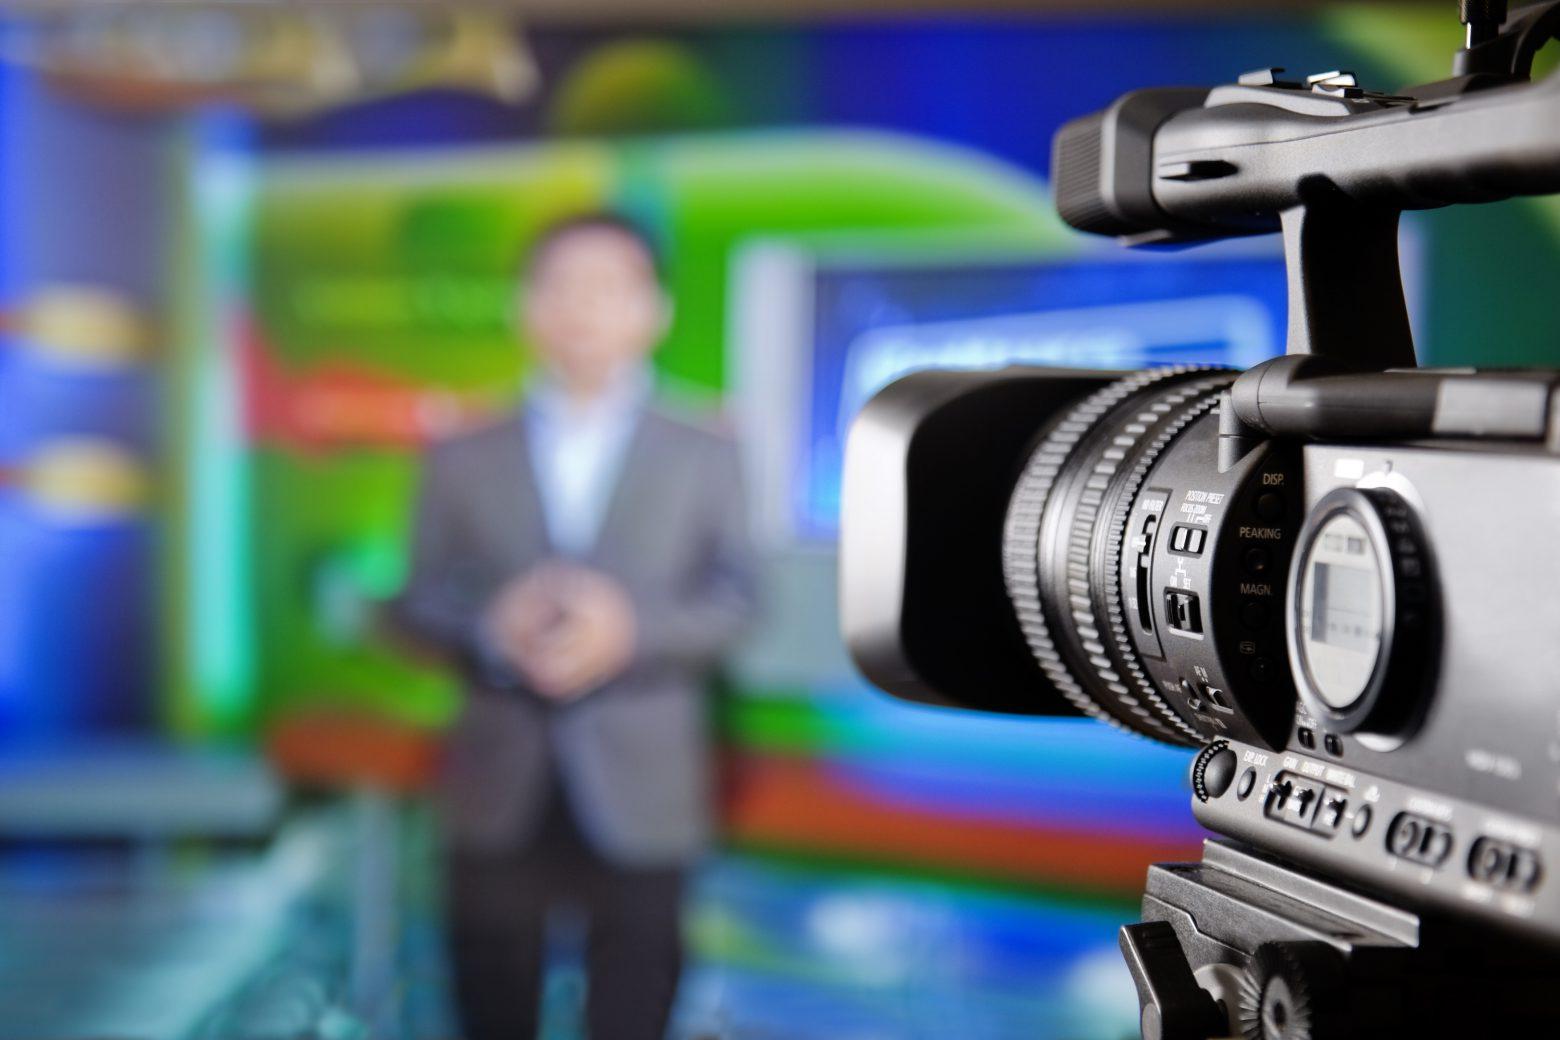 テレビショッピングにおける外国人ゲスト通訳